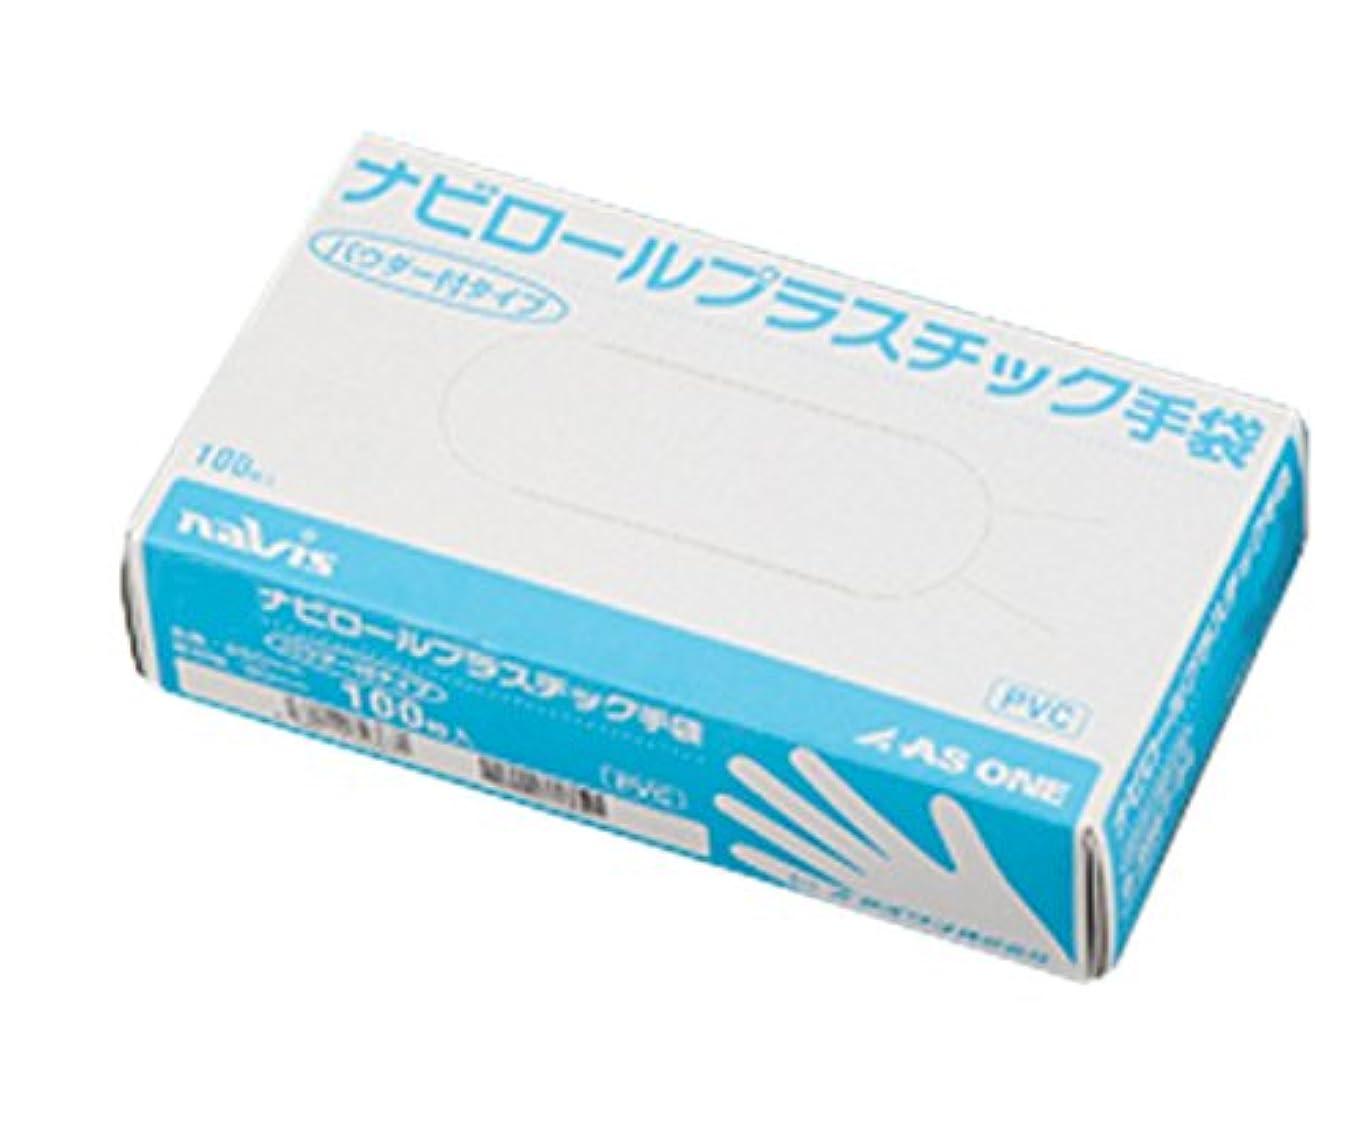 大佐スラダム発明アズワン ナビロールプラスチック手袋(パウダー付き) L 100枚入 /0-9867-01